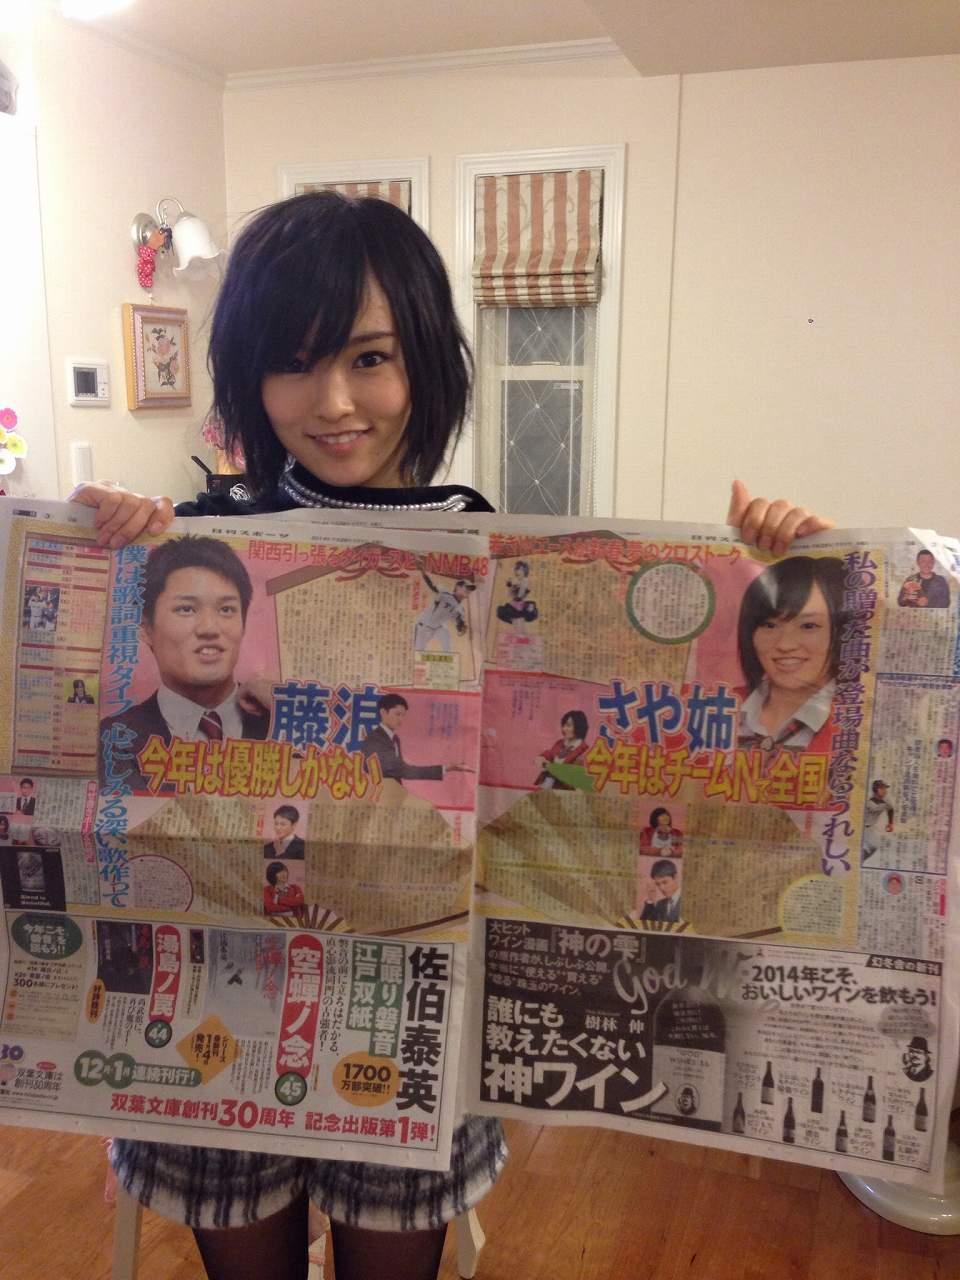 山本彩、藤浪晋太郎と対談したスポーツ紙を持ってブログにUP